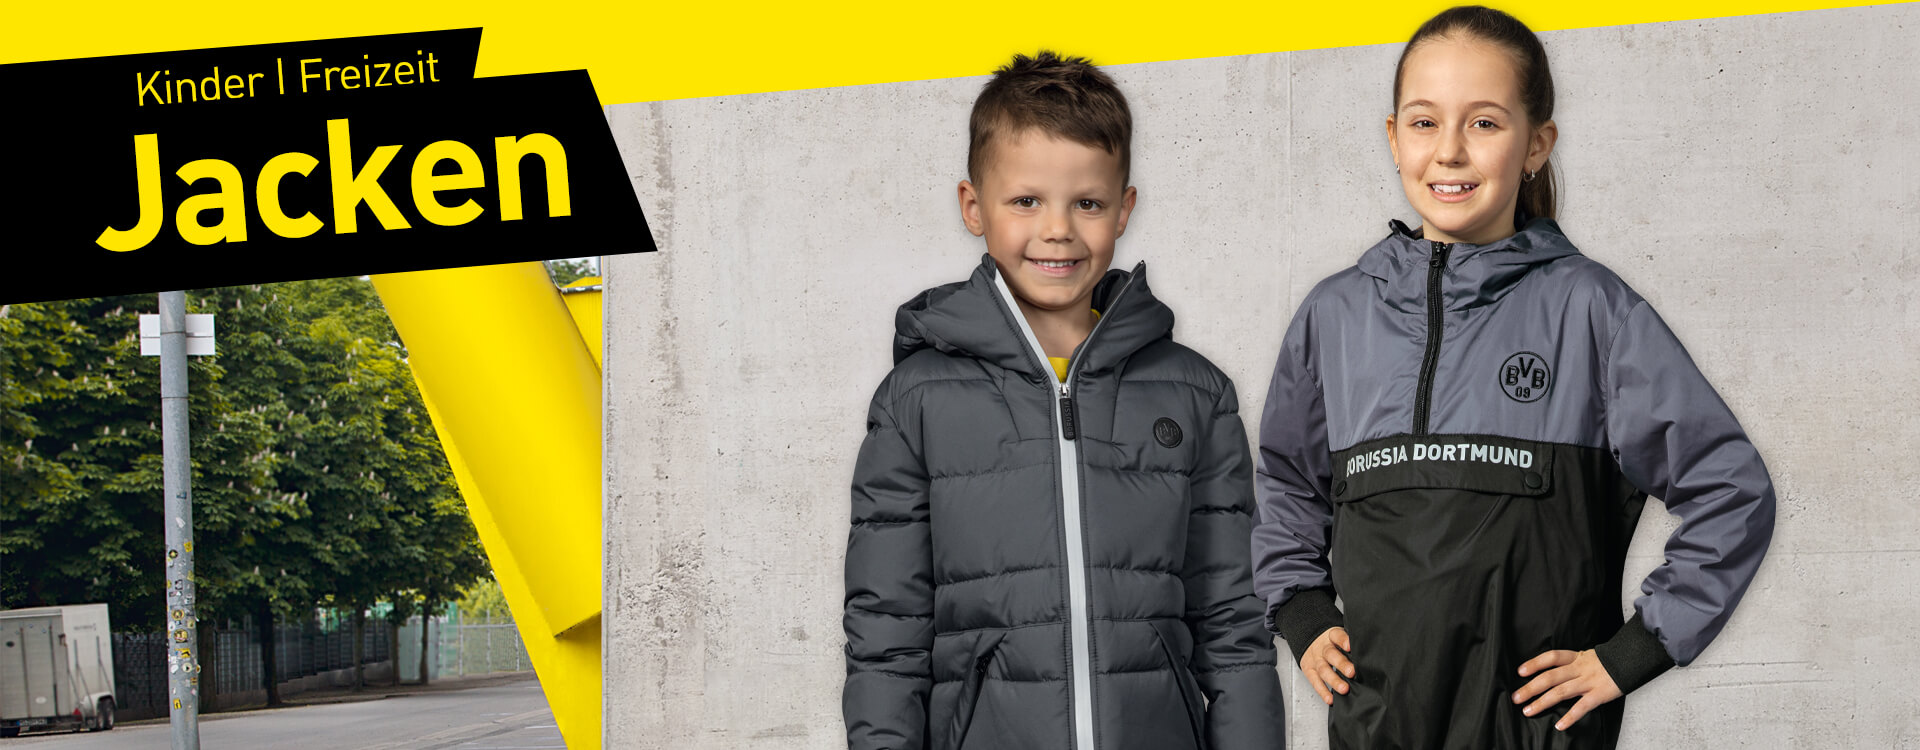 Onlineshop-Kategorieb-hnen-Desktop-1920x750px_Kinder-Freizeit-Jacken-bearbeitet